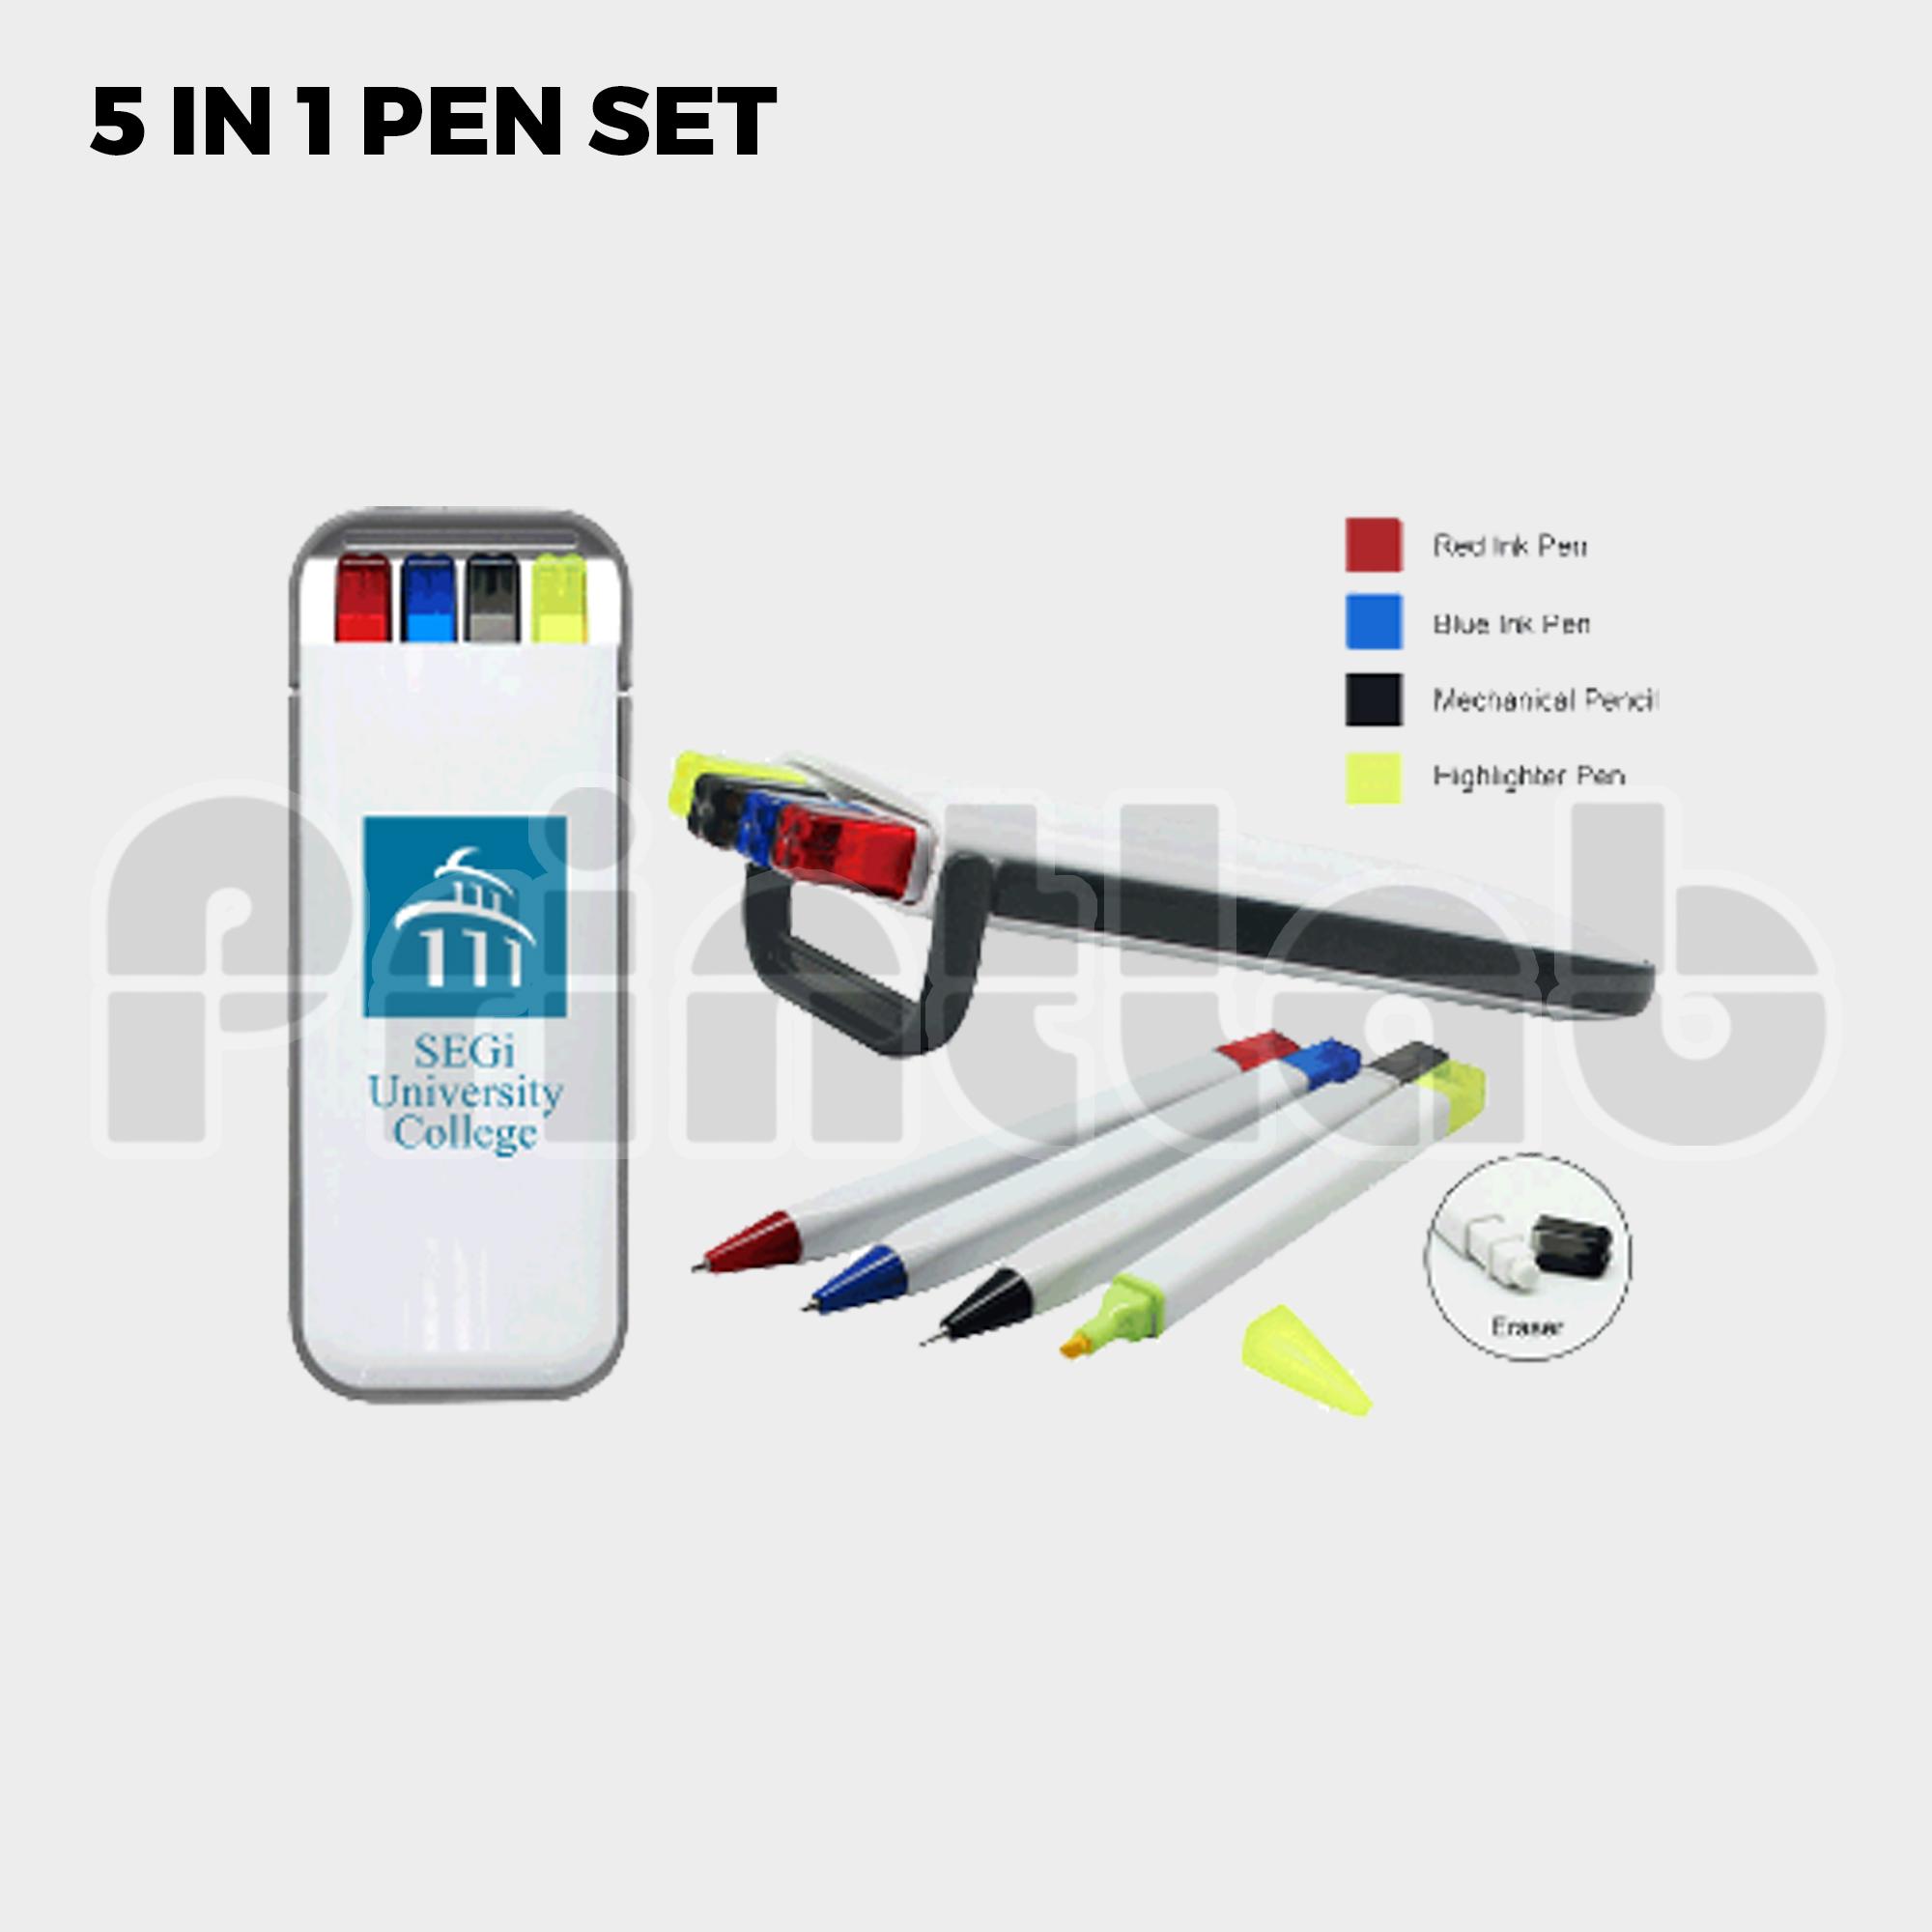 5 In 1 Pen Set